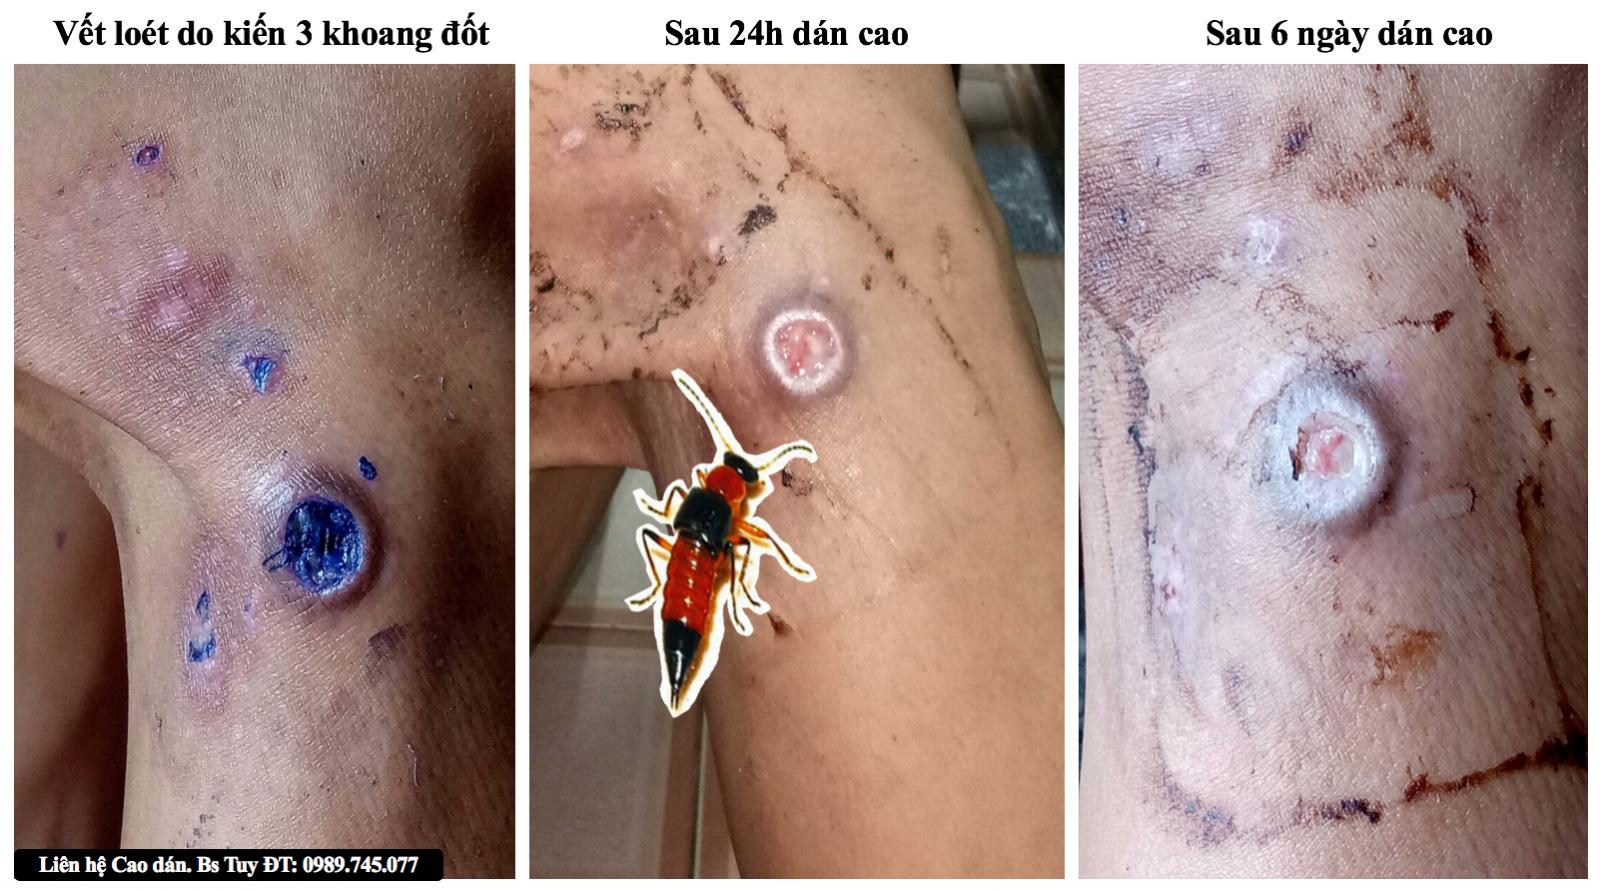 Điều trị viêm da do kiến ba khoang đốt